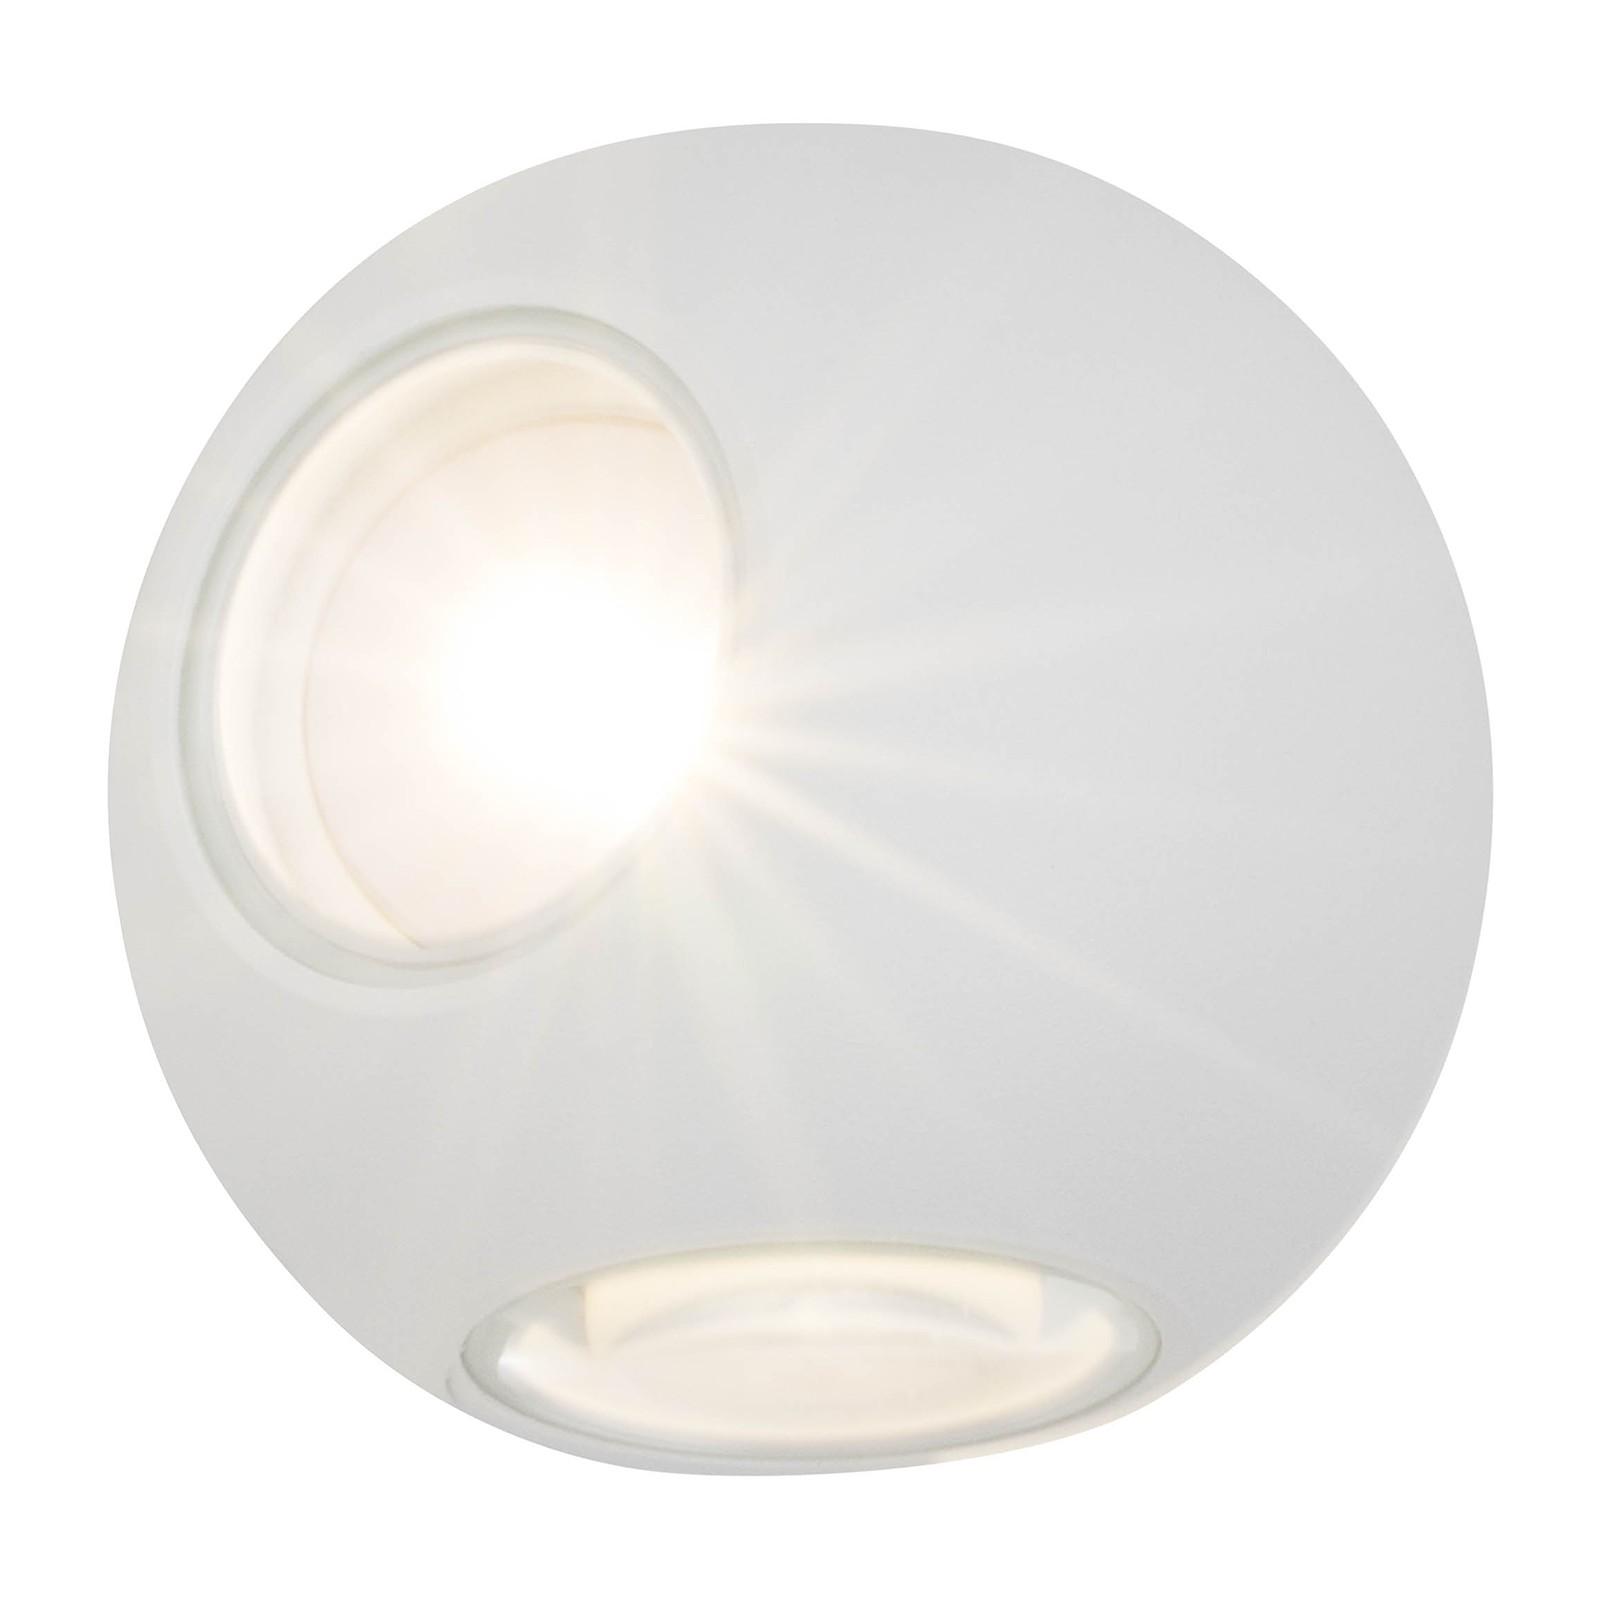 LED-Aussen-Wandleuchte Gus